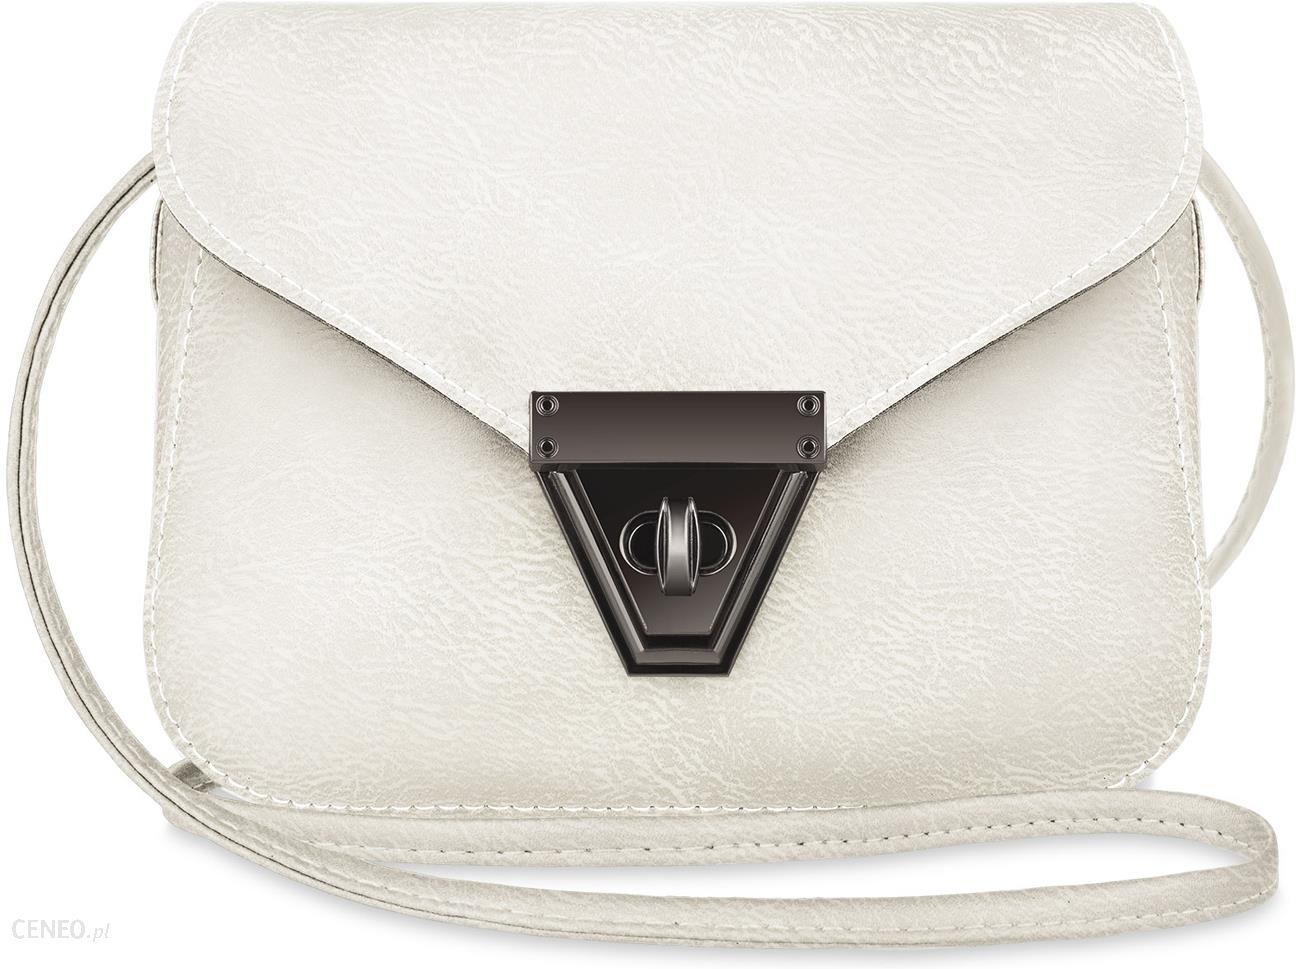 7db8d444f3e48 Urocza mała torebka damska listonoszka przewieszka z klapką - kremowy -  zdjęcie 1